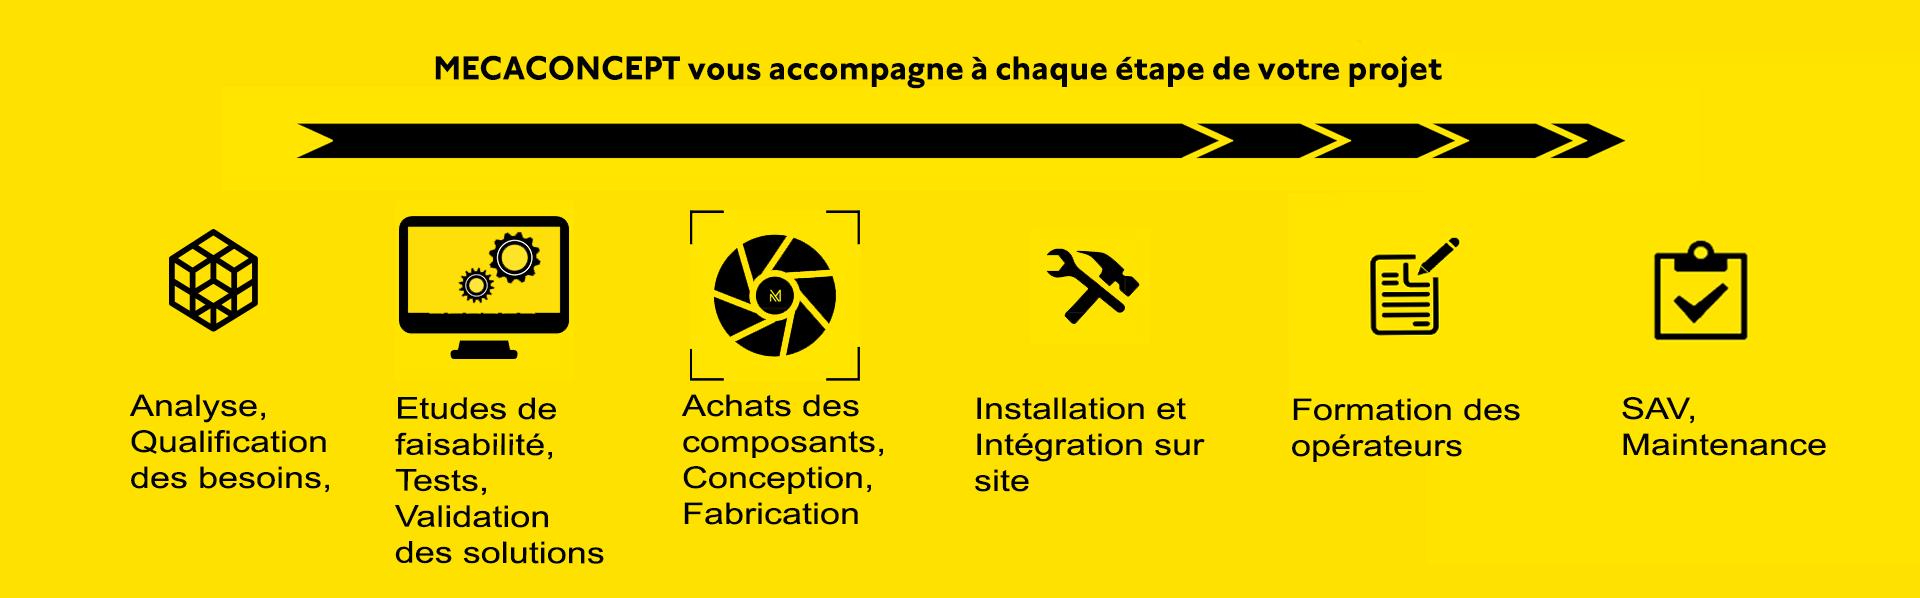 Mecaconcept , en Rhône-Alpes, vous accompagne dans vos projet de vision industrielle